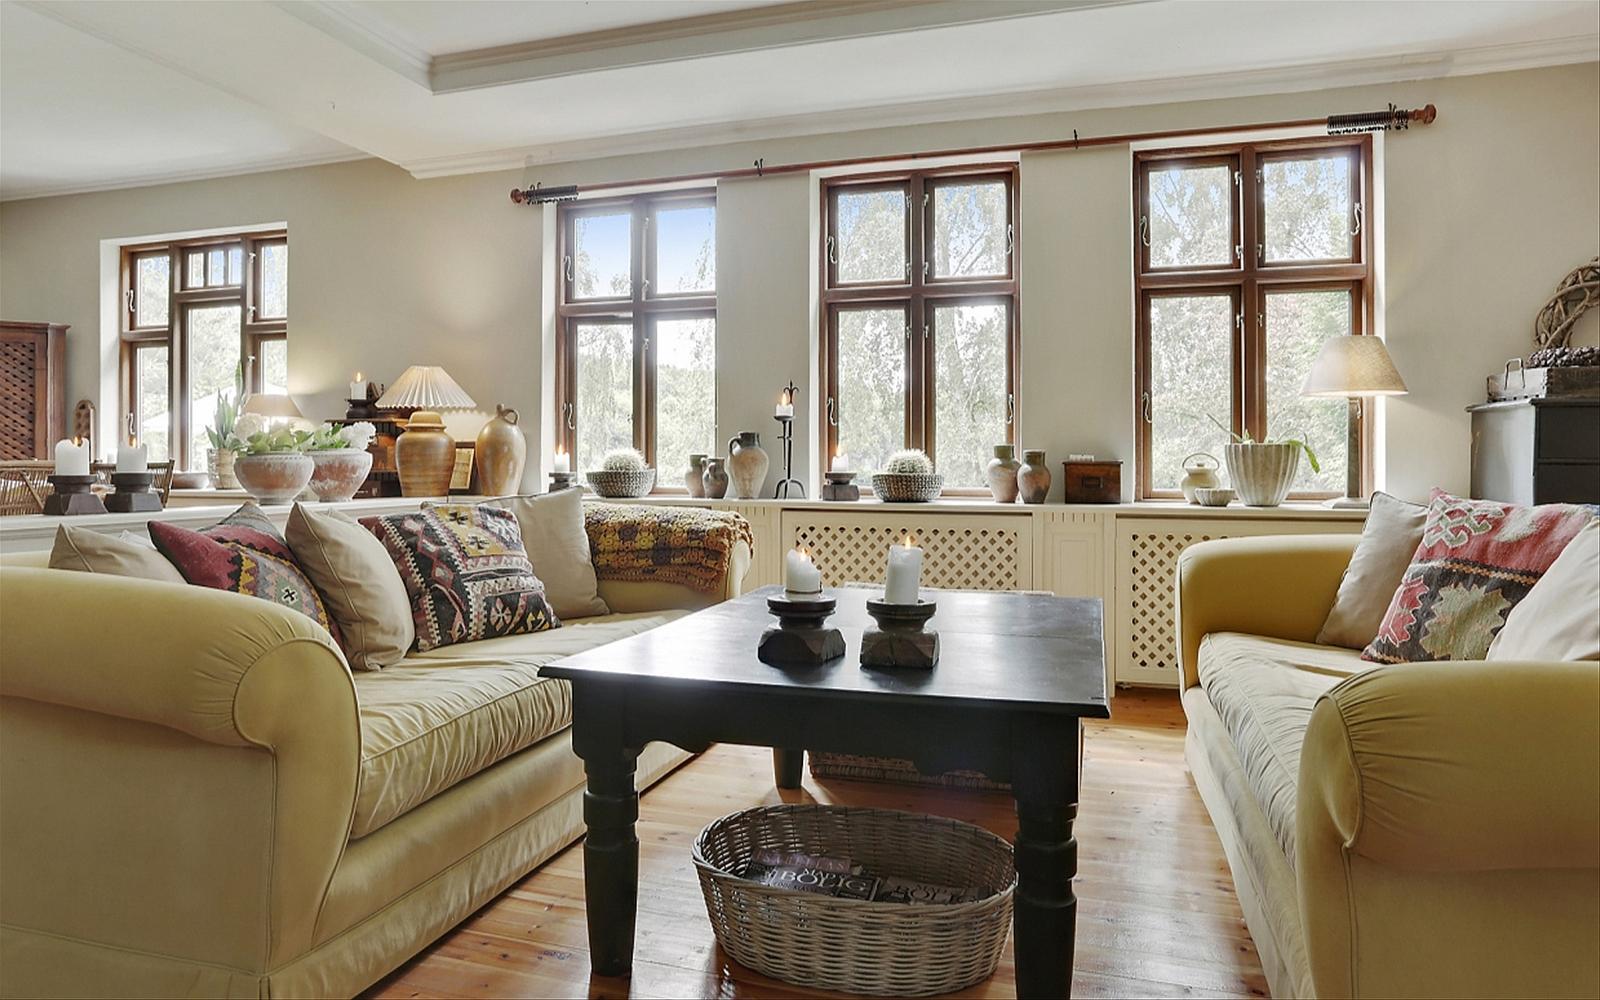 мягкая мебель окна потолочные балки стол корзина